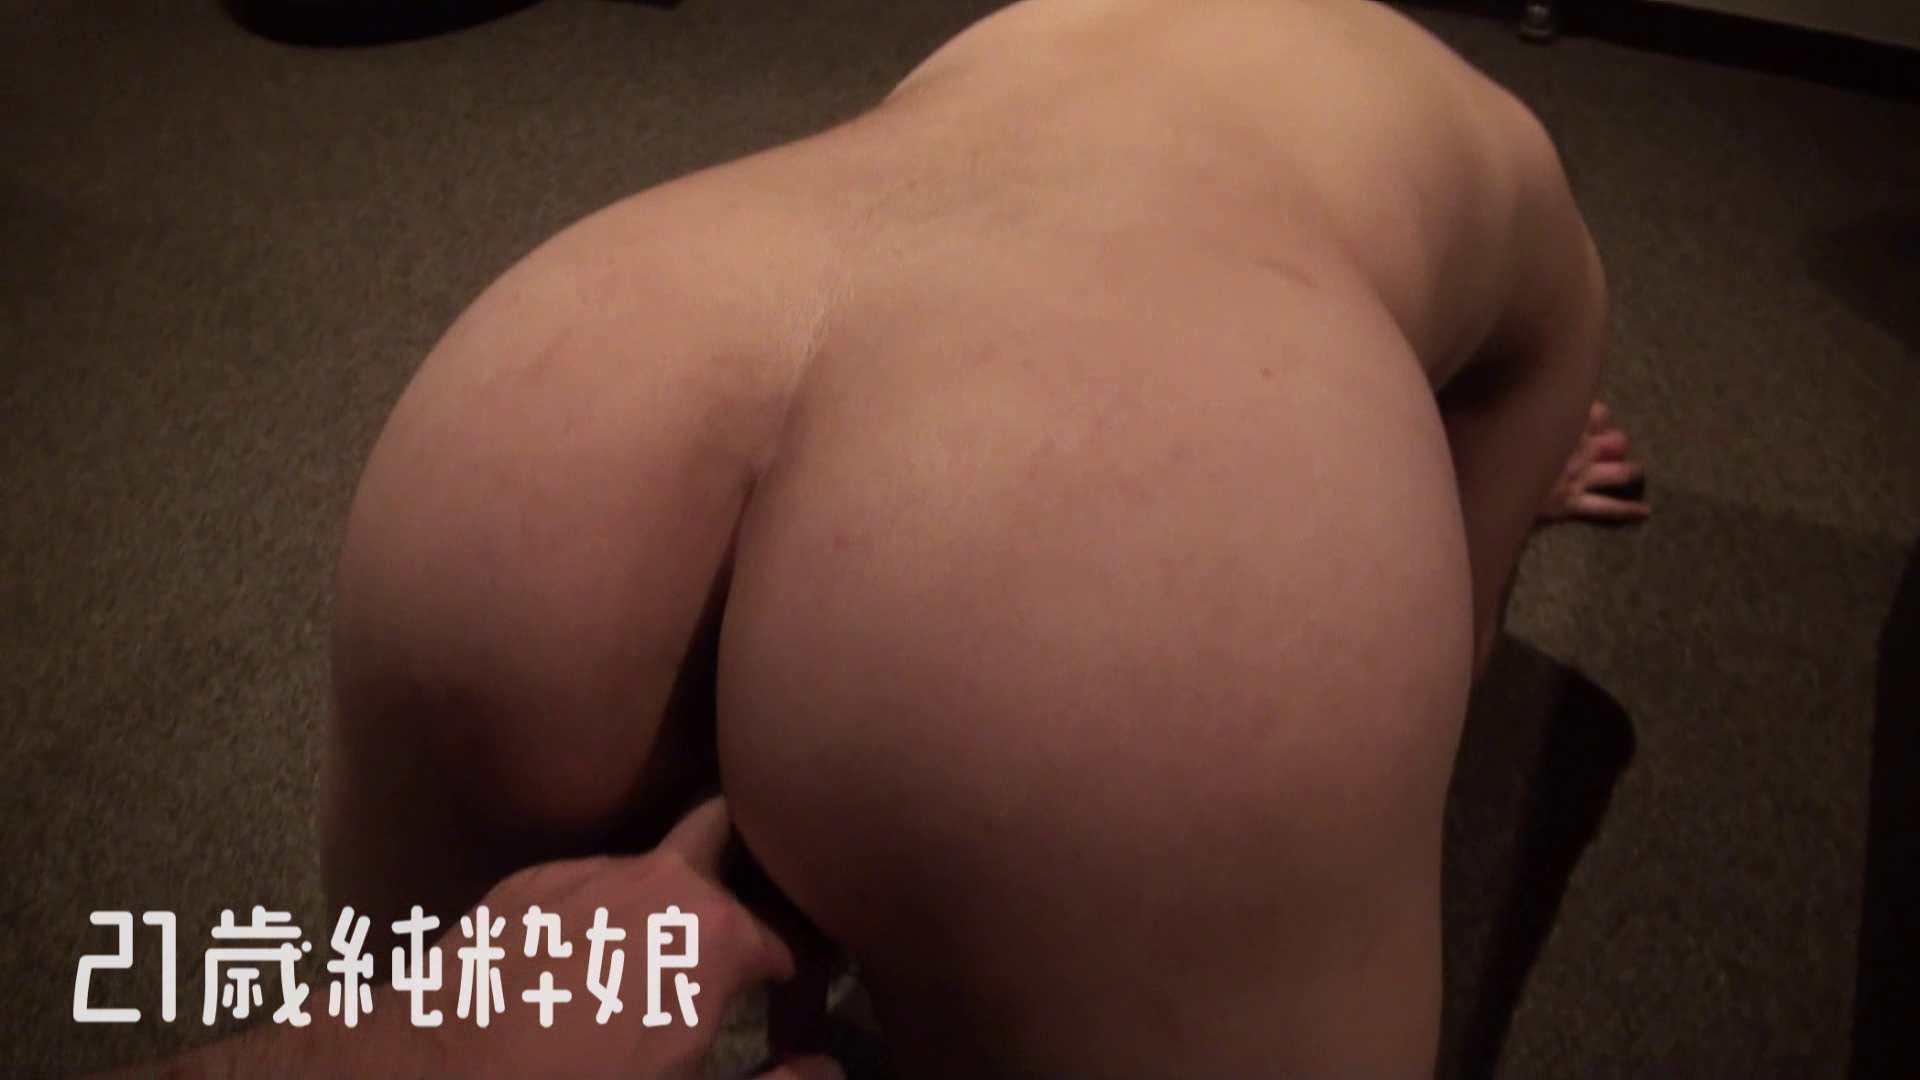 上京したばかりのGカップ21歳純粋嬢を都合の良い女にしてみた2 オナニー特集 | ギャル達のSEX  77画像 29